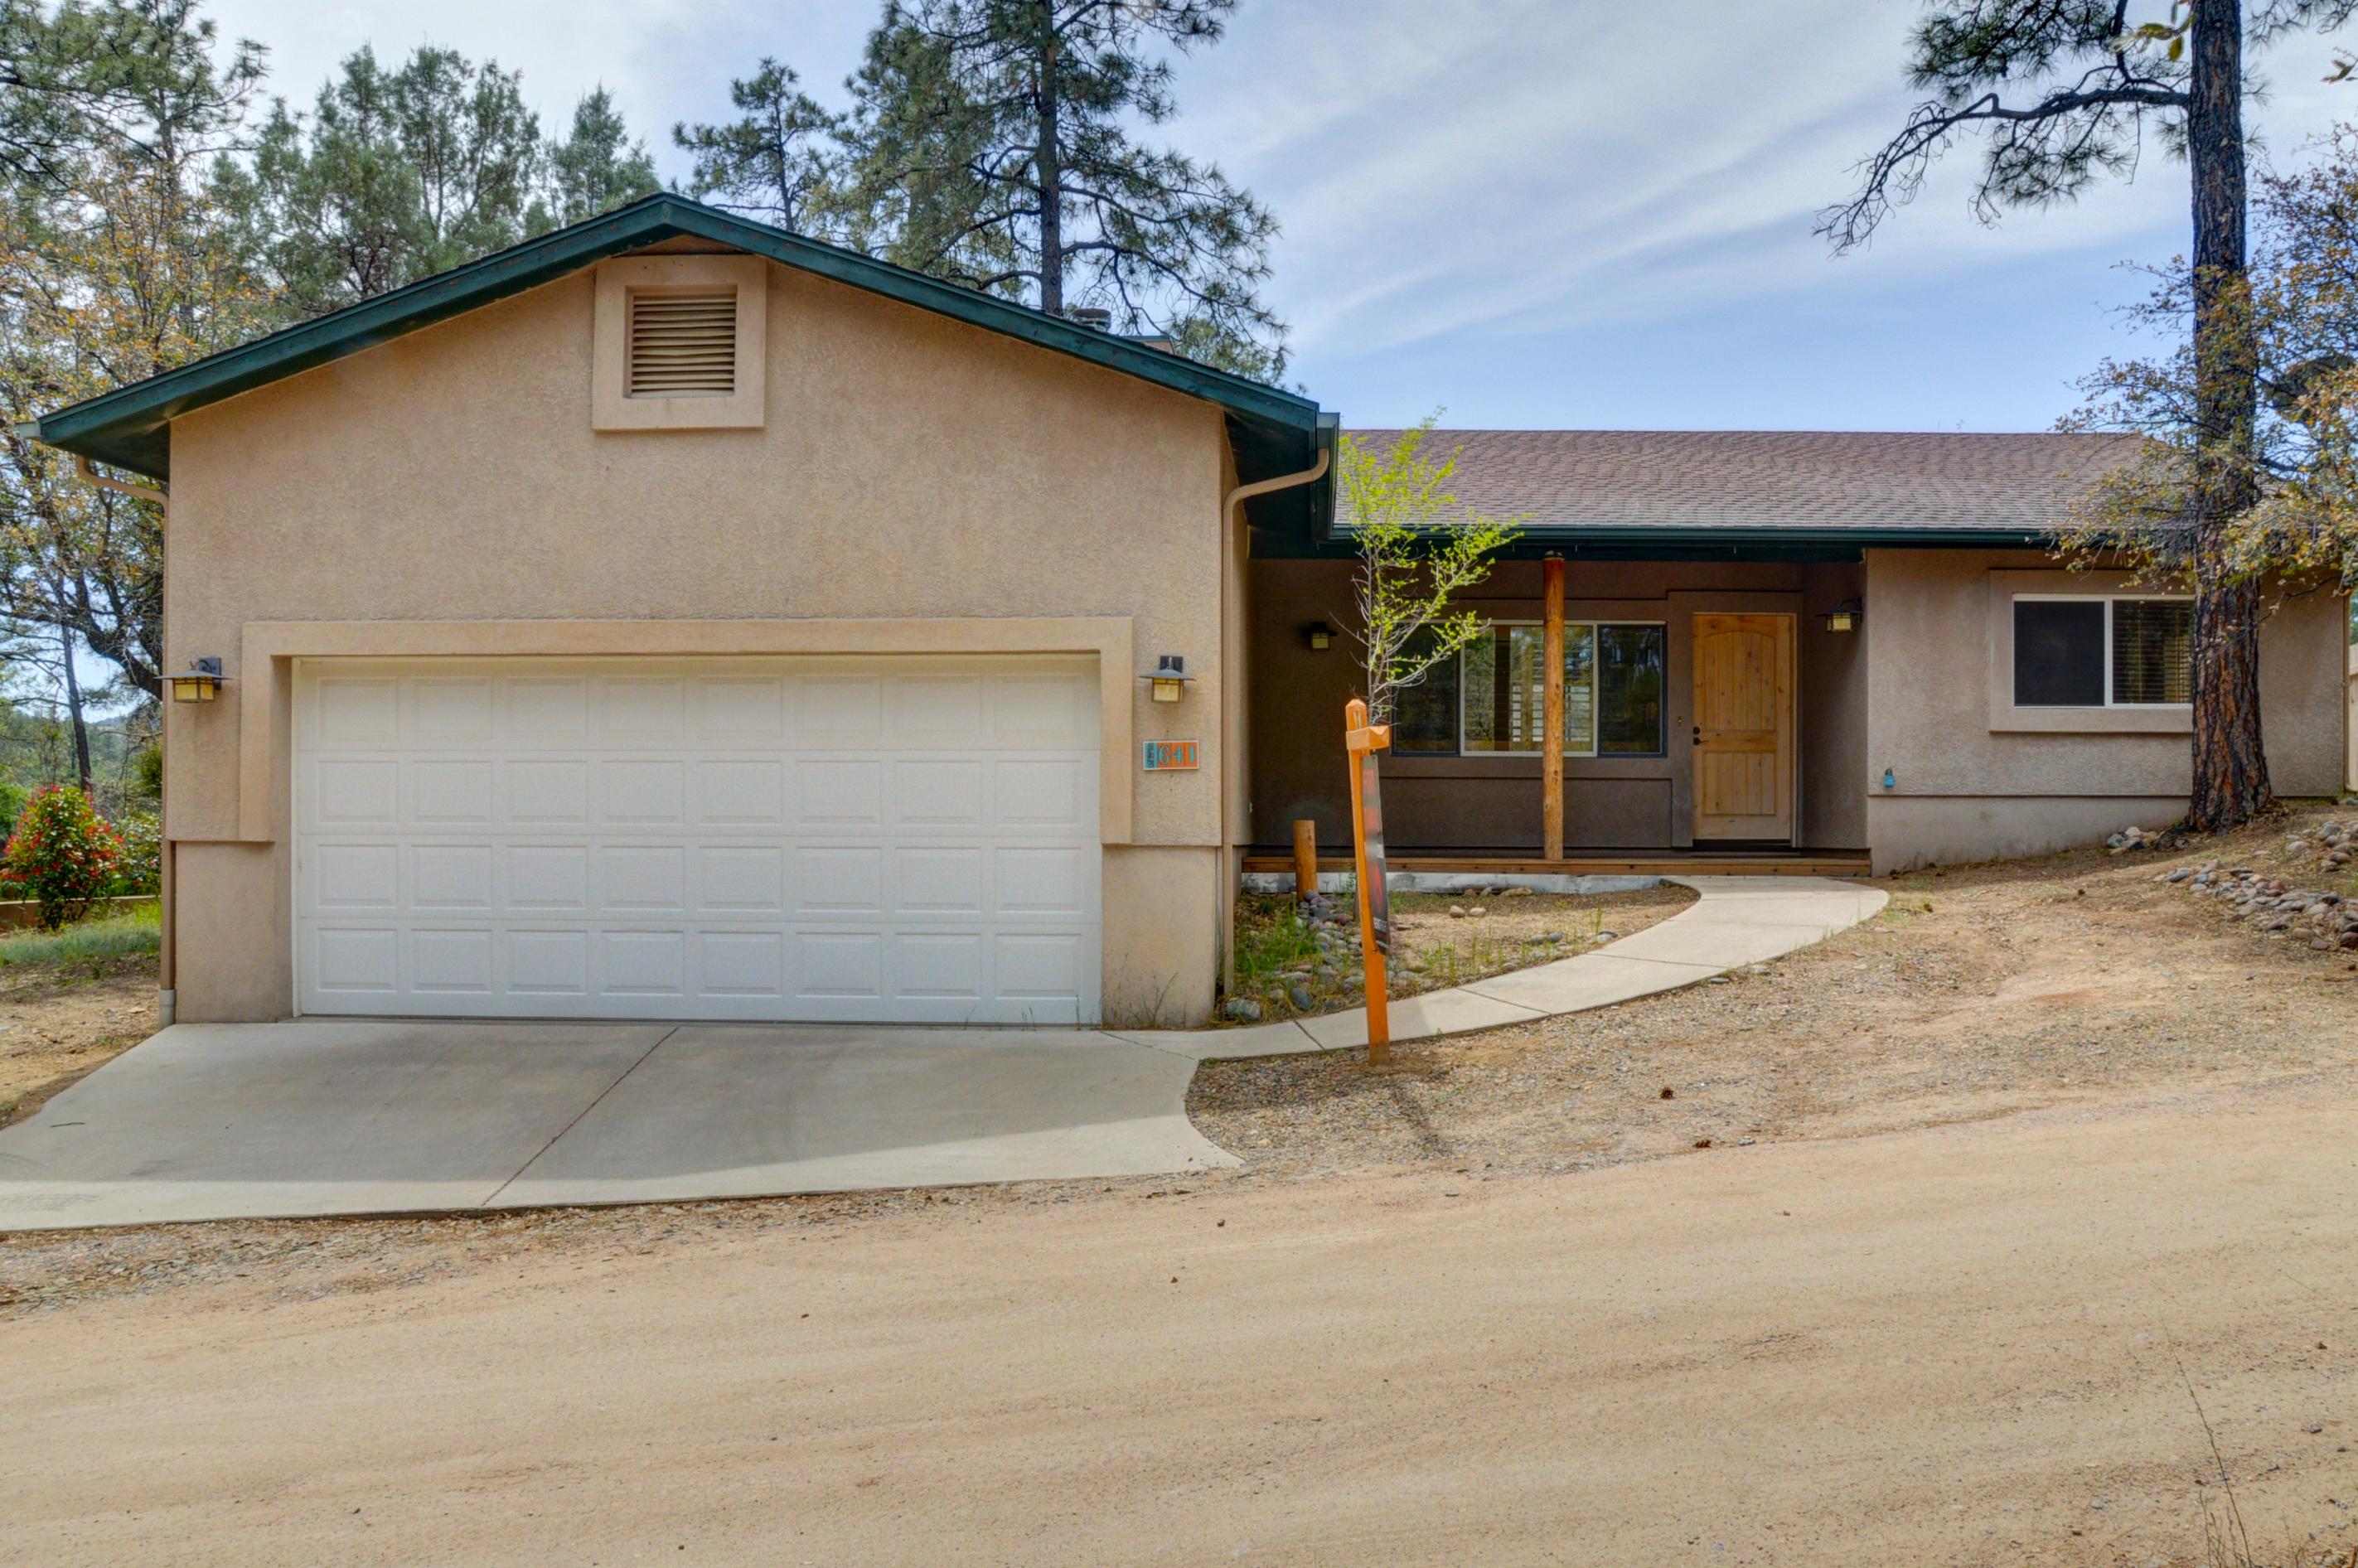 641 W Davis Lane, Prescott, AZ 86303 – PENDING